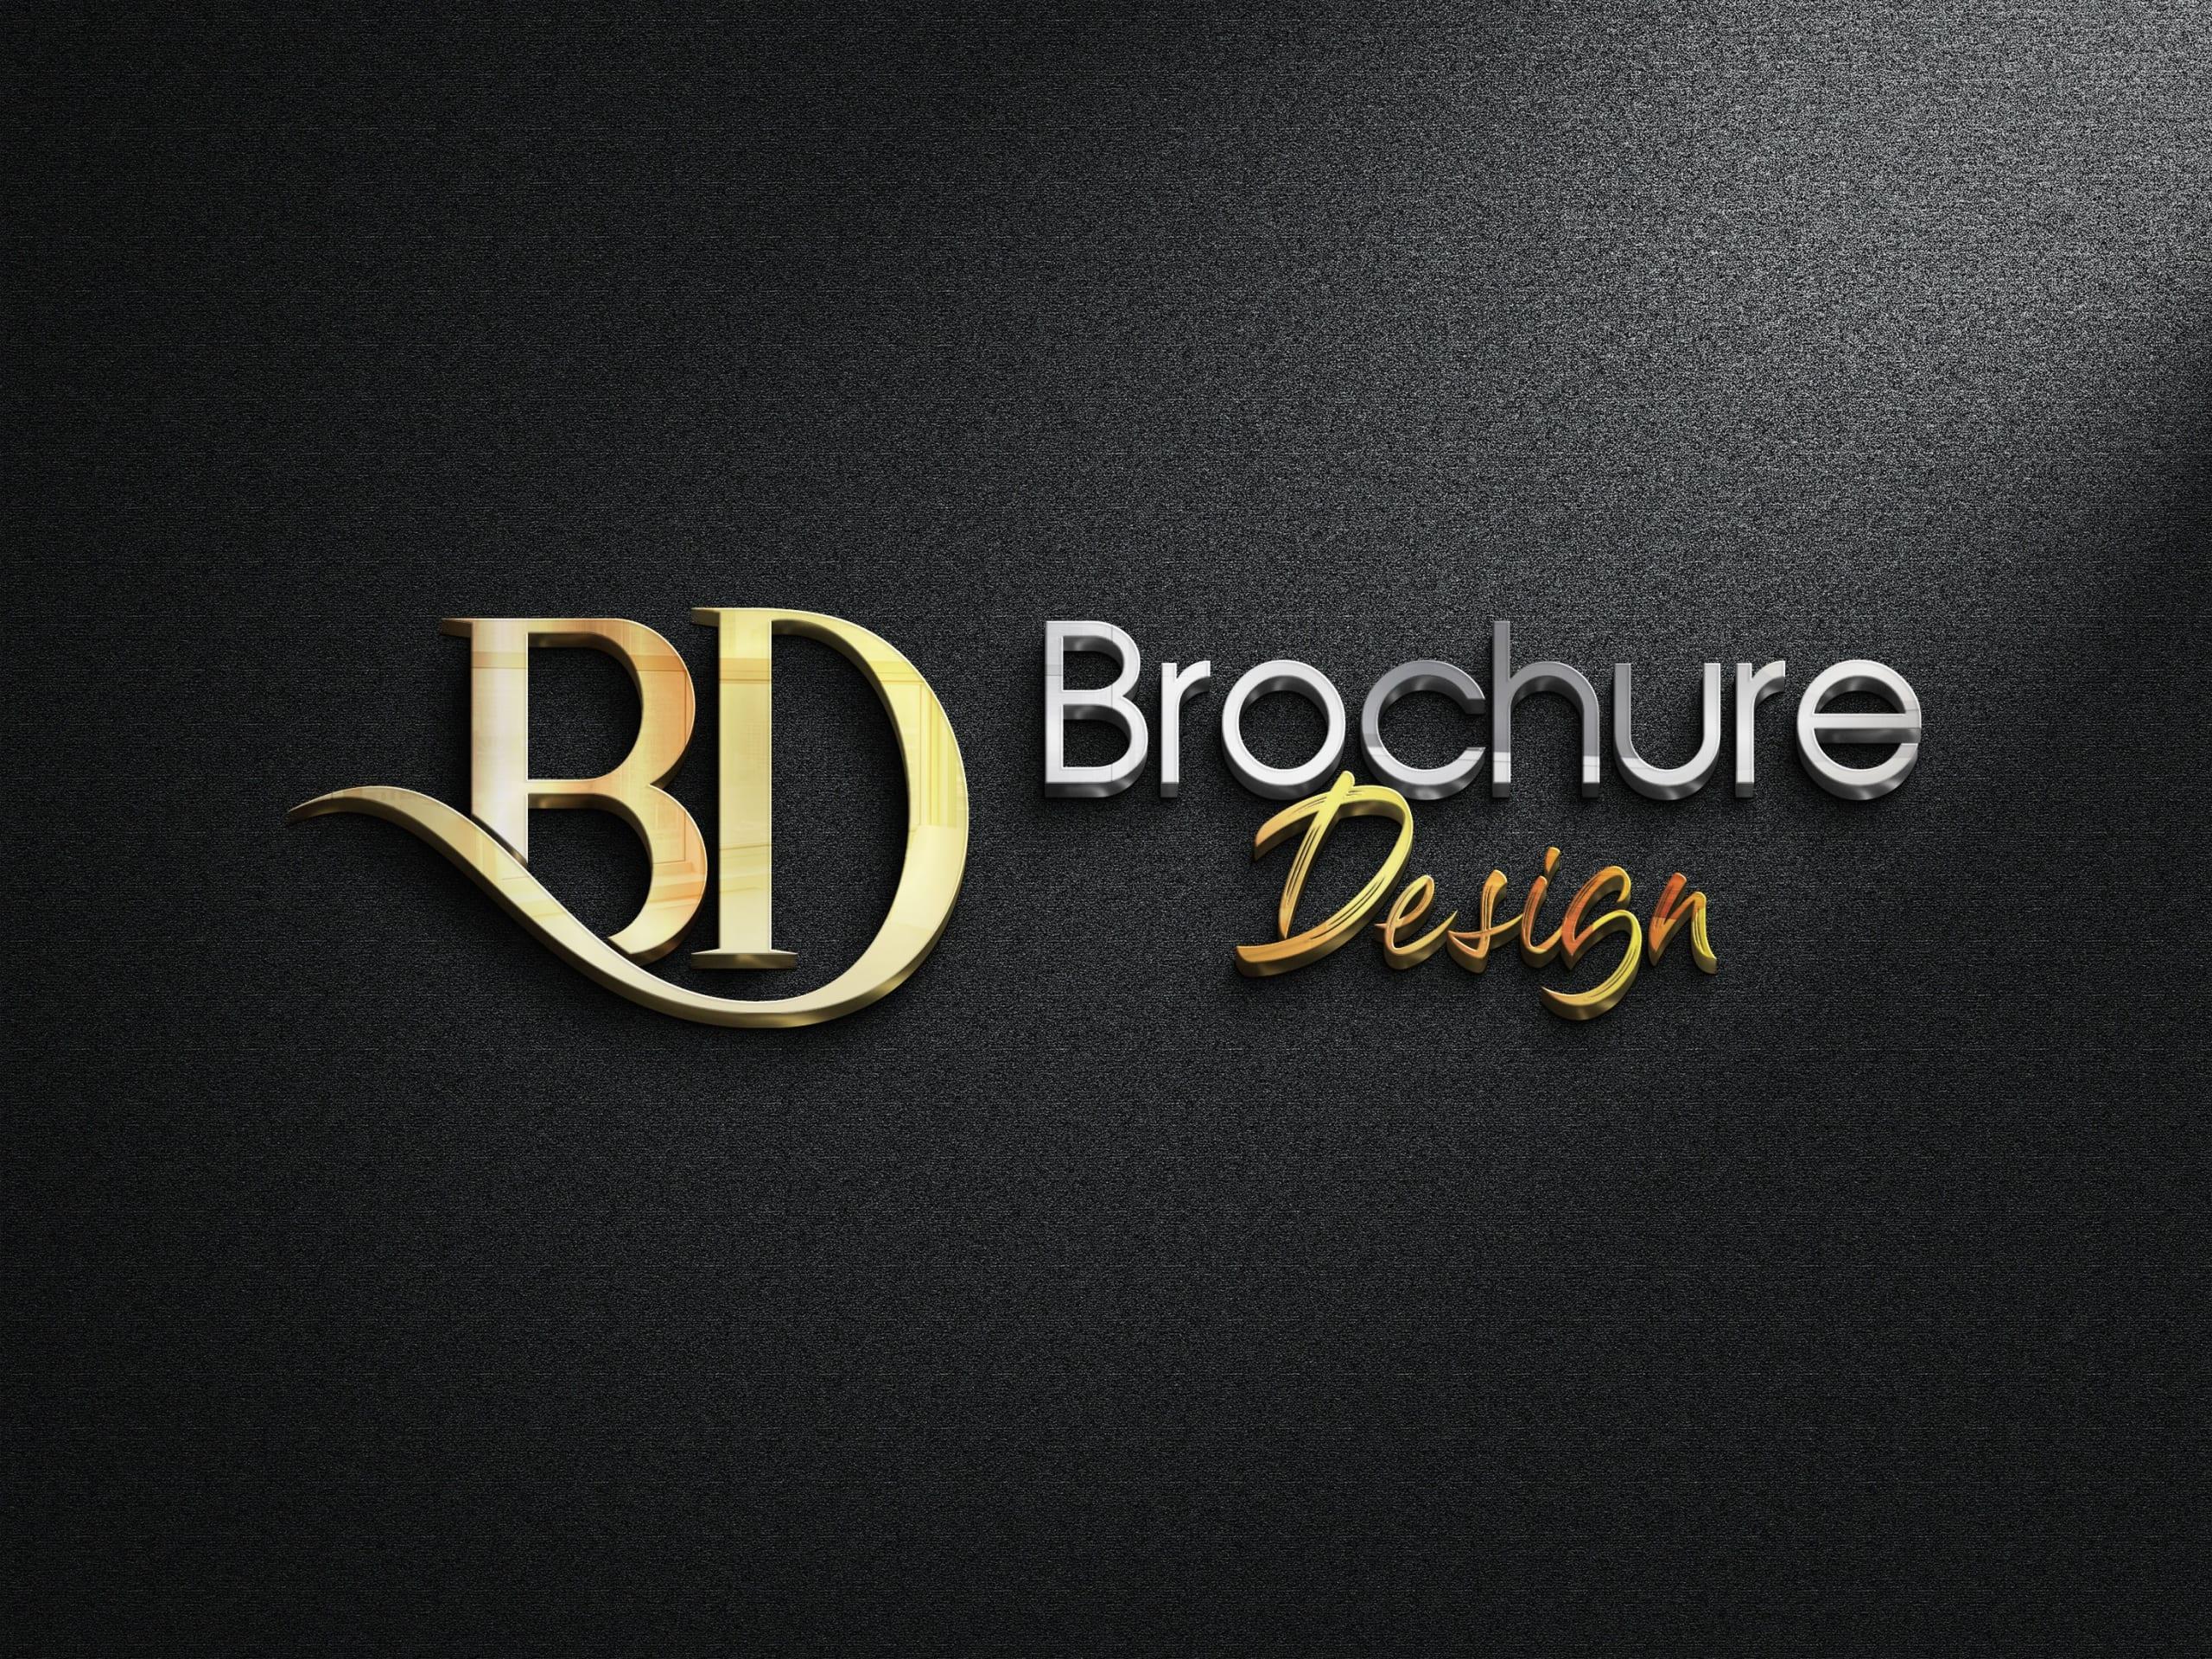 brochure-design-service